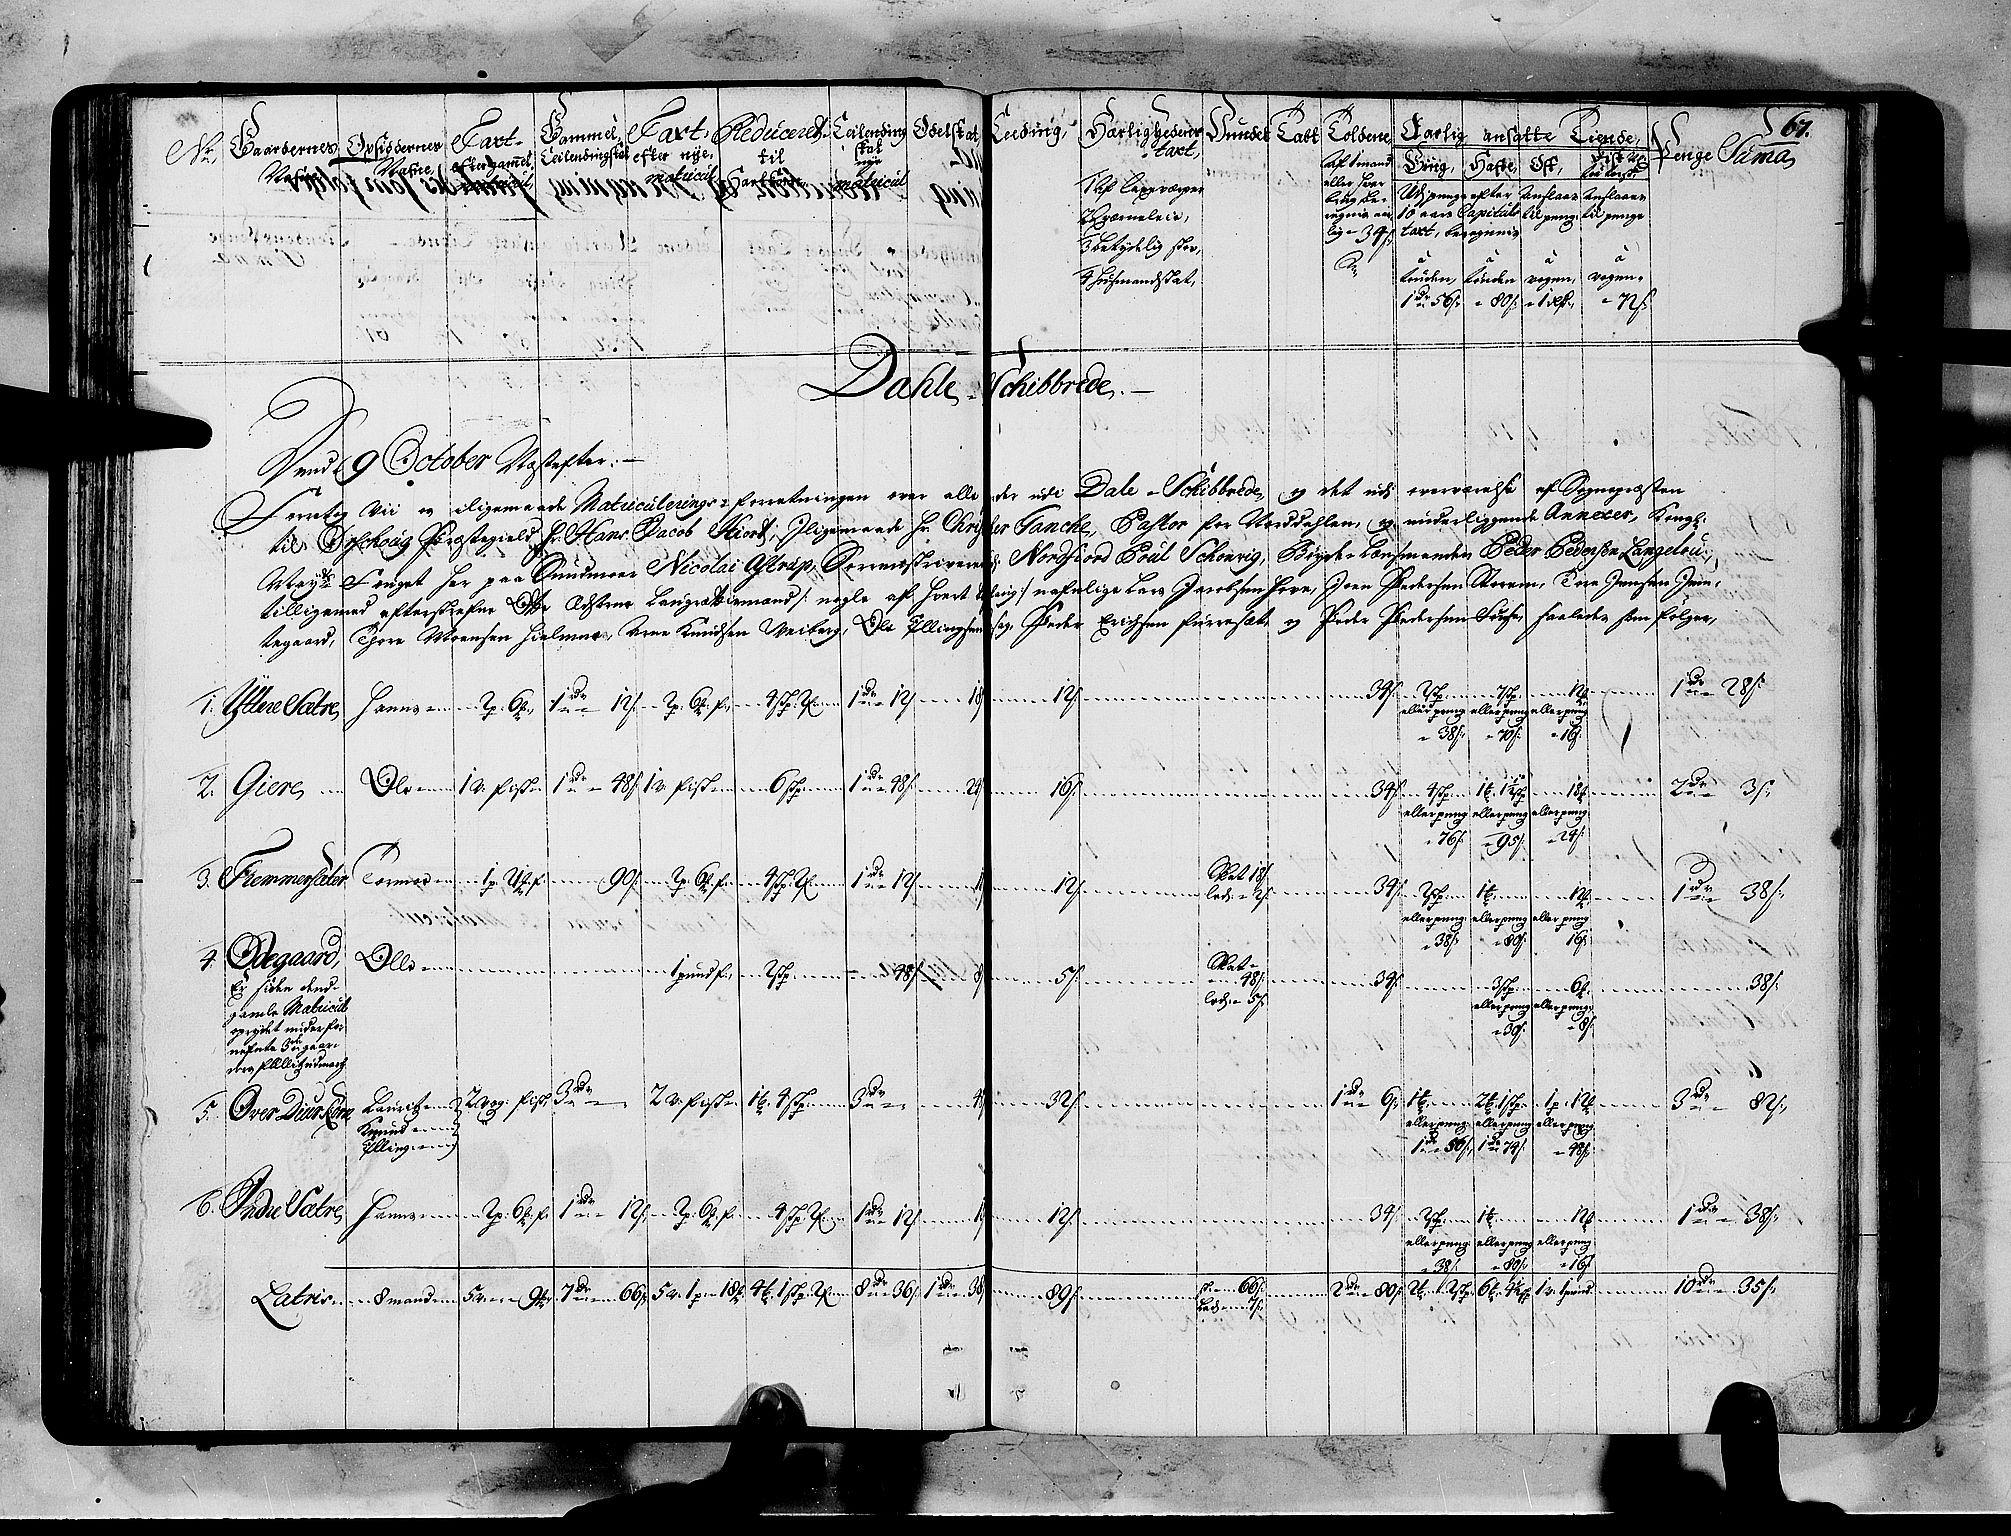 RA, Rentekammeret inntil 1814, Realistisk ordnet avdeling, N/Nb/Nbf/L0151: Sunnmøre matrikkelprotokoll, 1724, s. 66b-67a